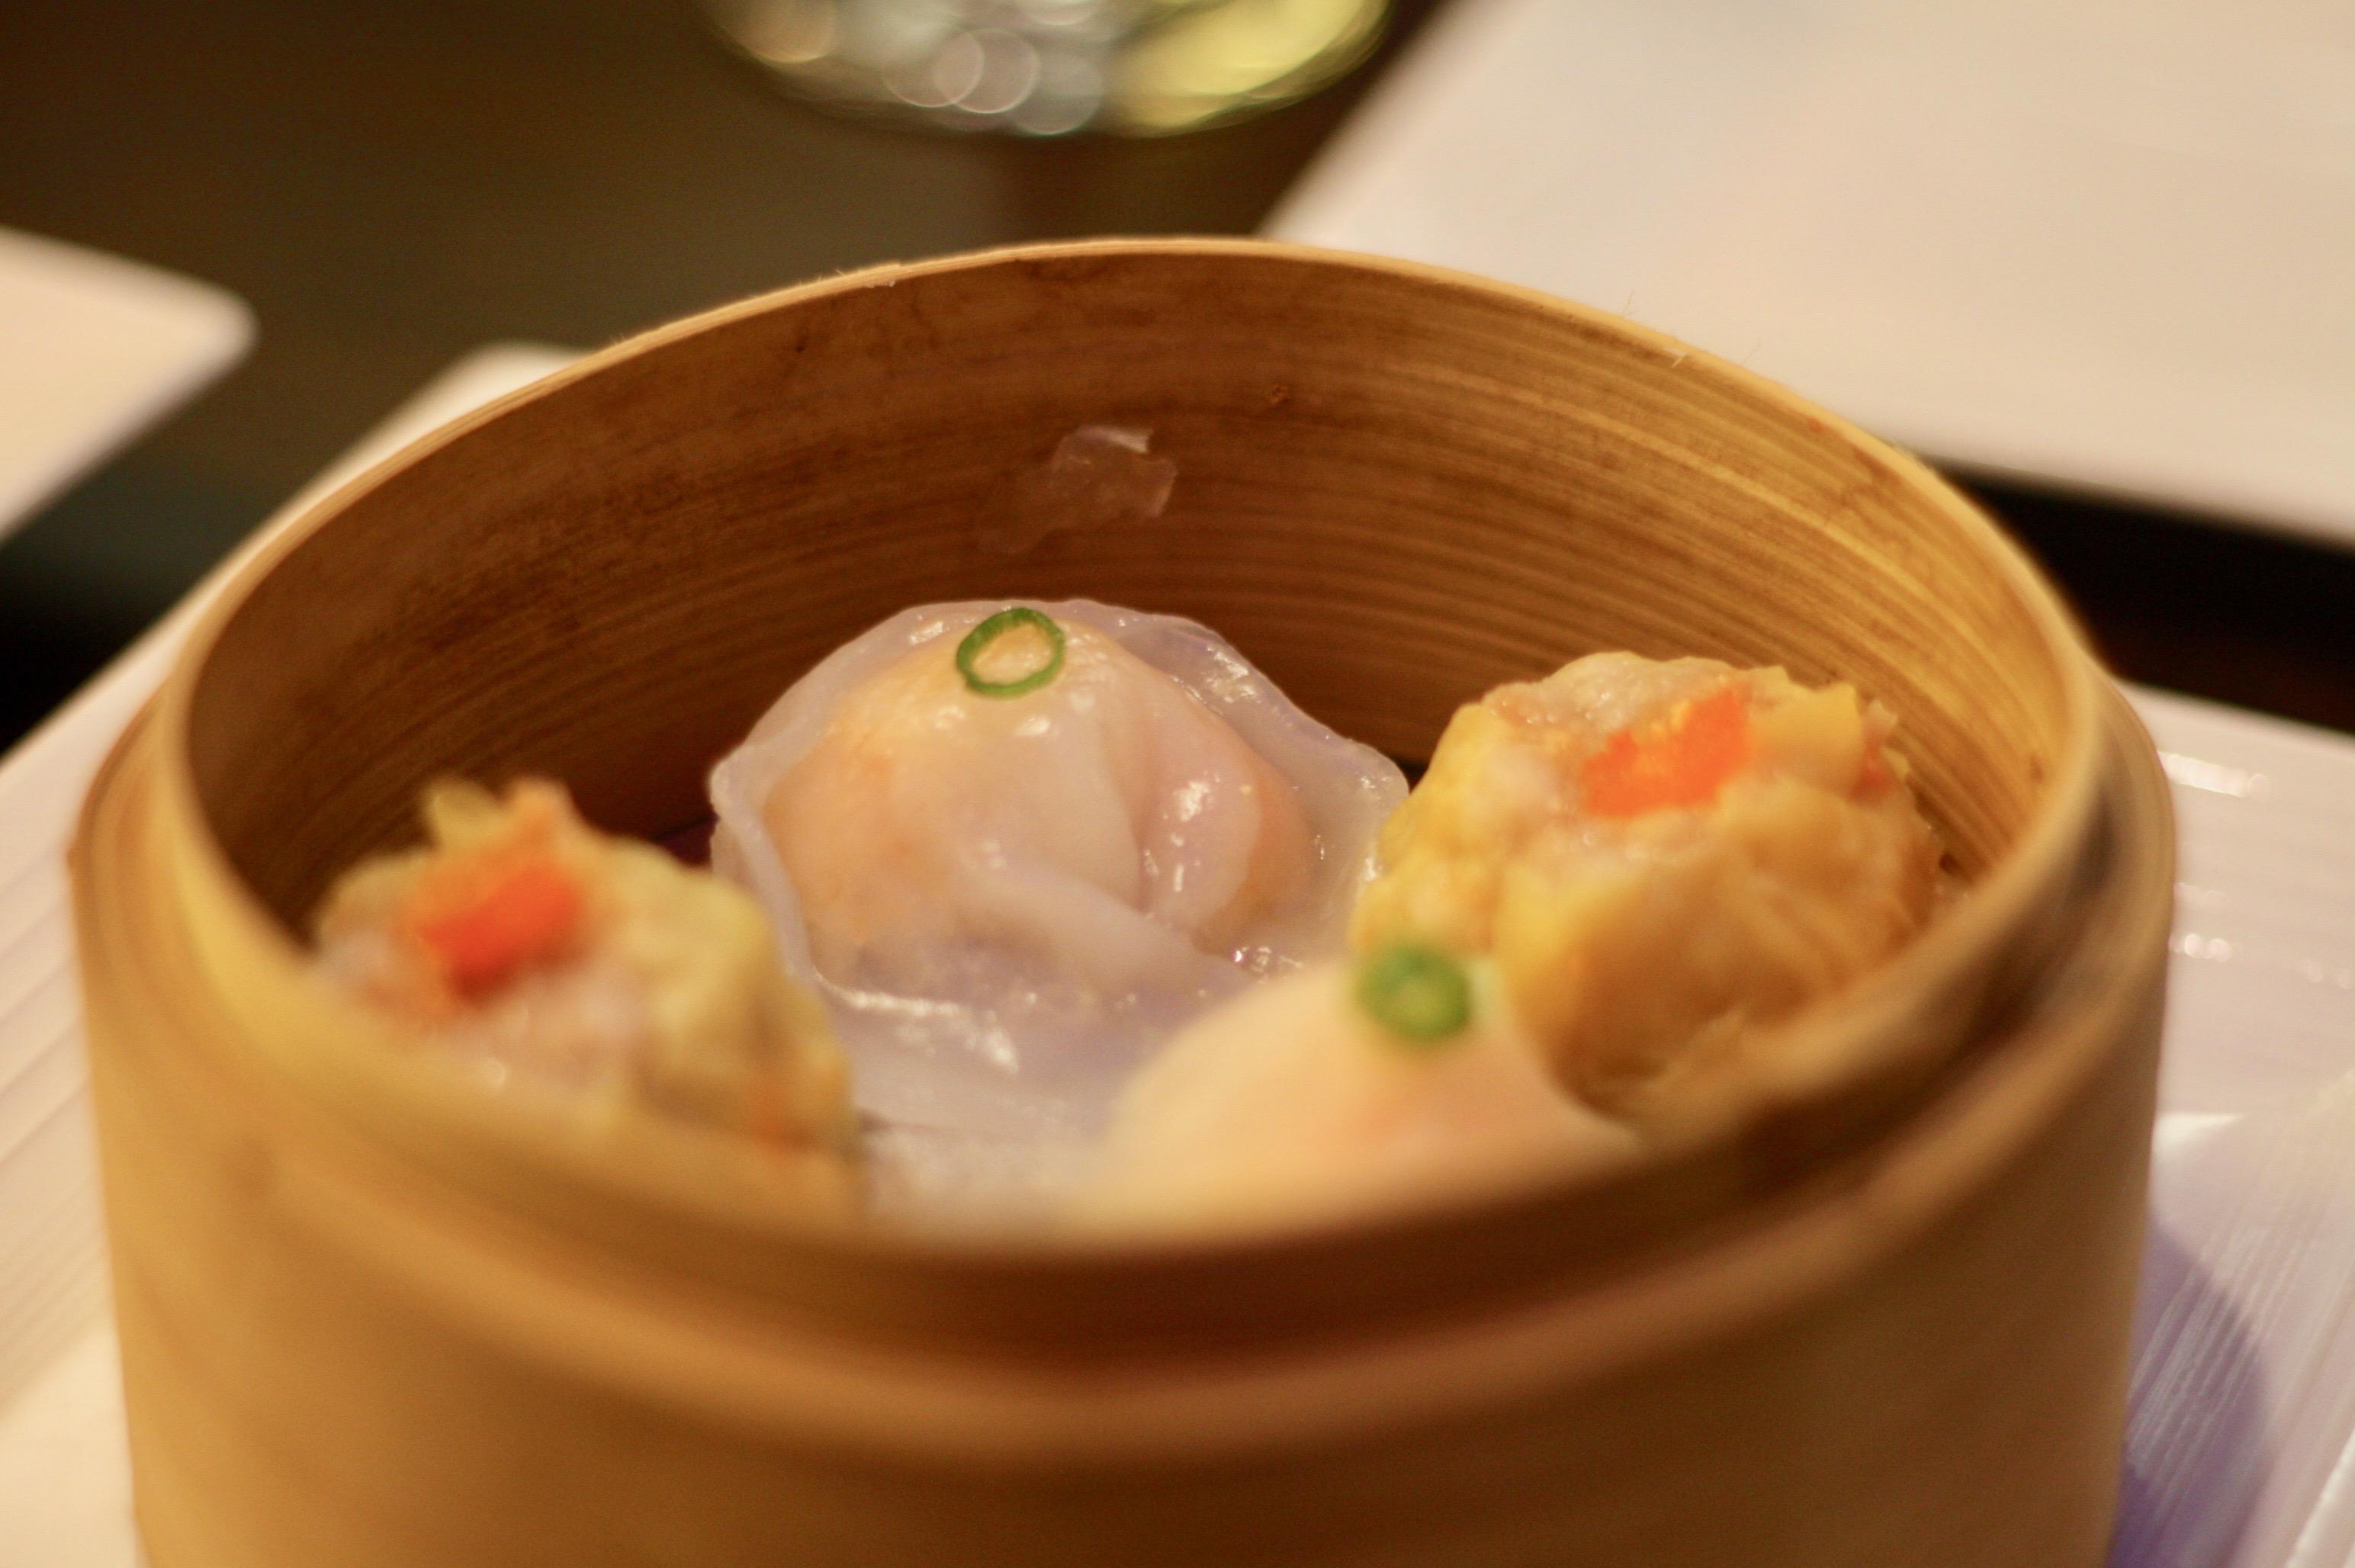 Kwan S Kitchen